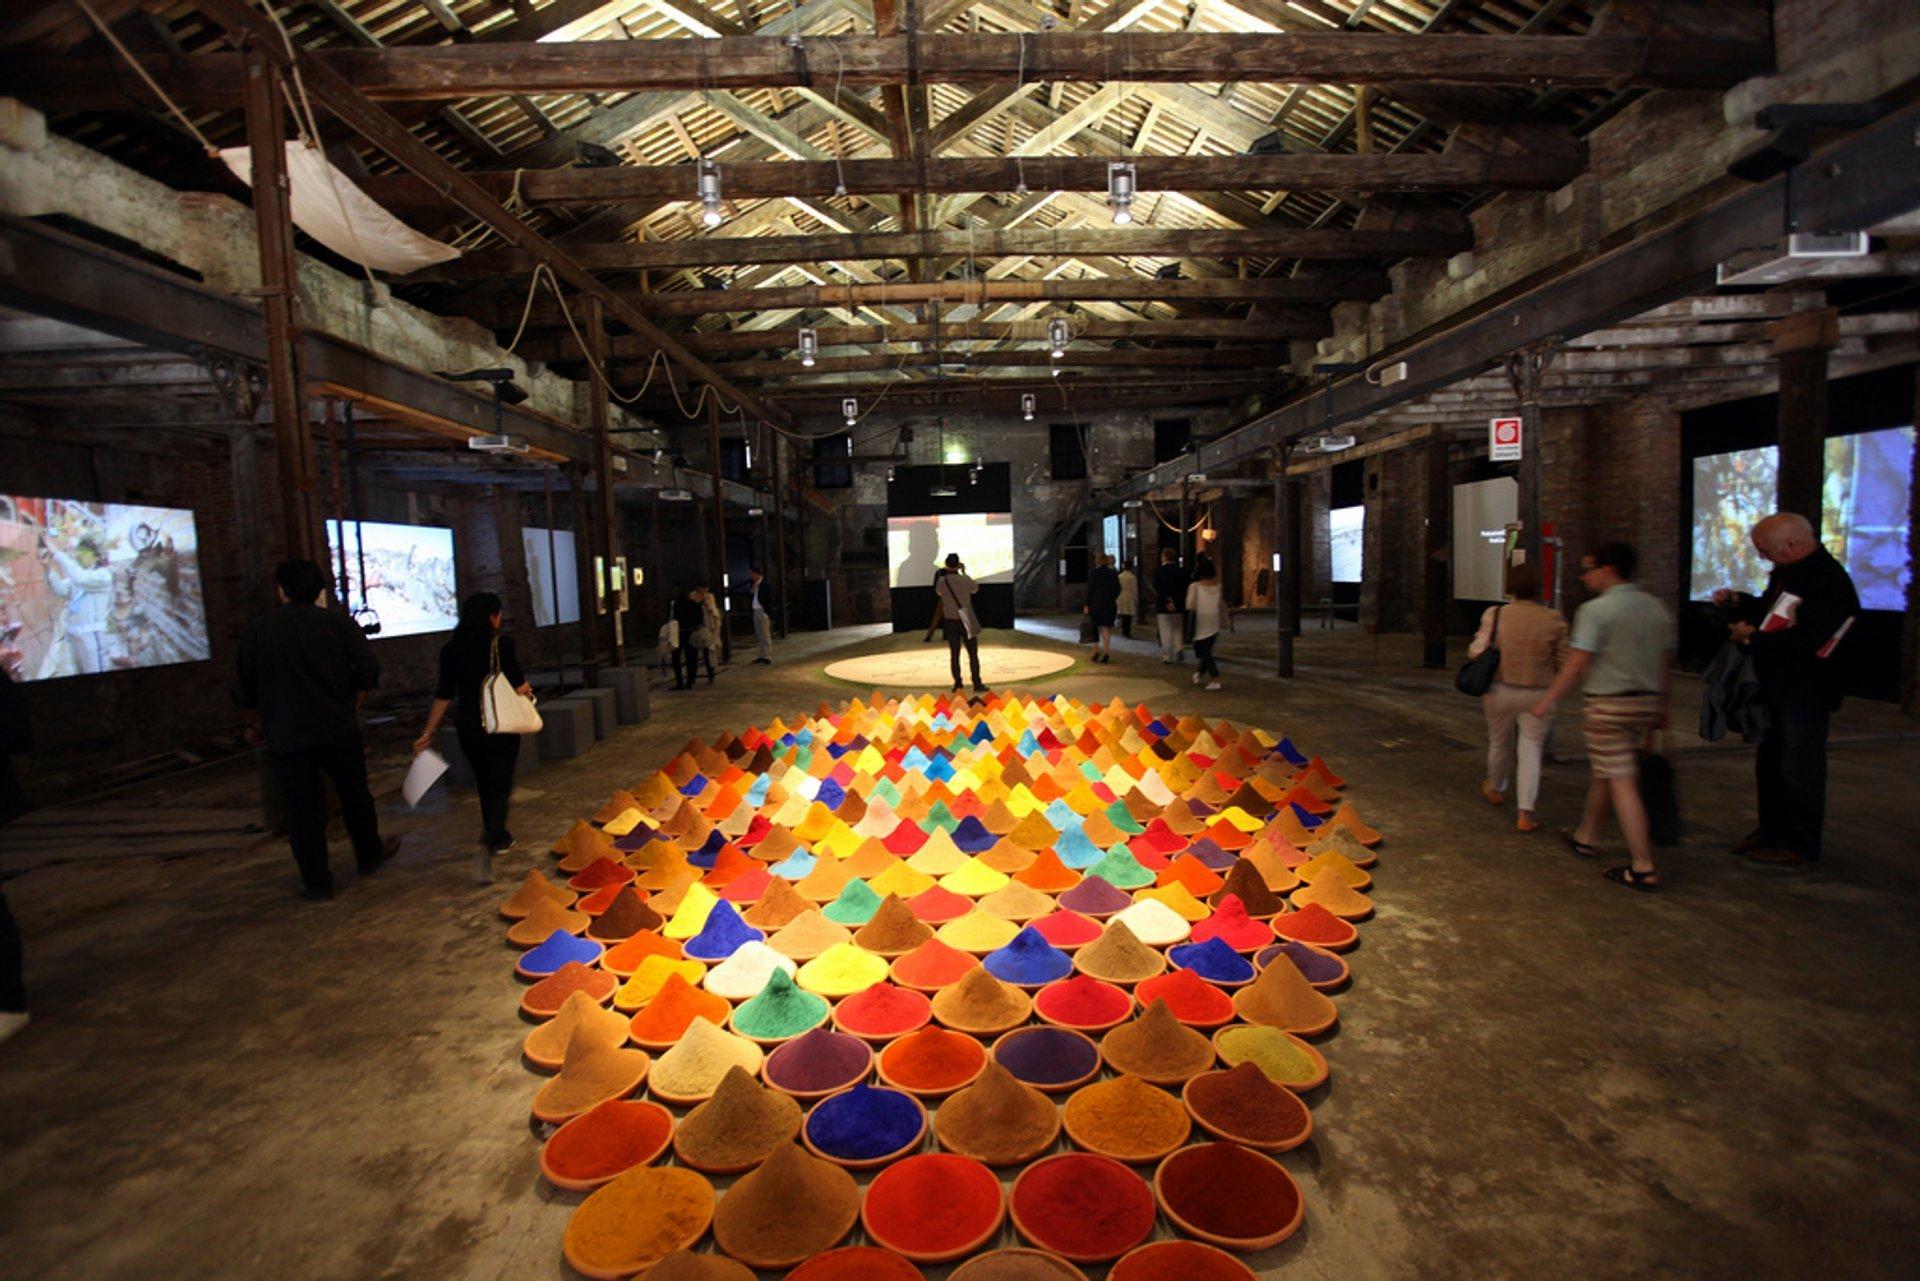 La Biennale di Venezia (Venice Biennale) in Venice - Best Season 2020